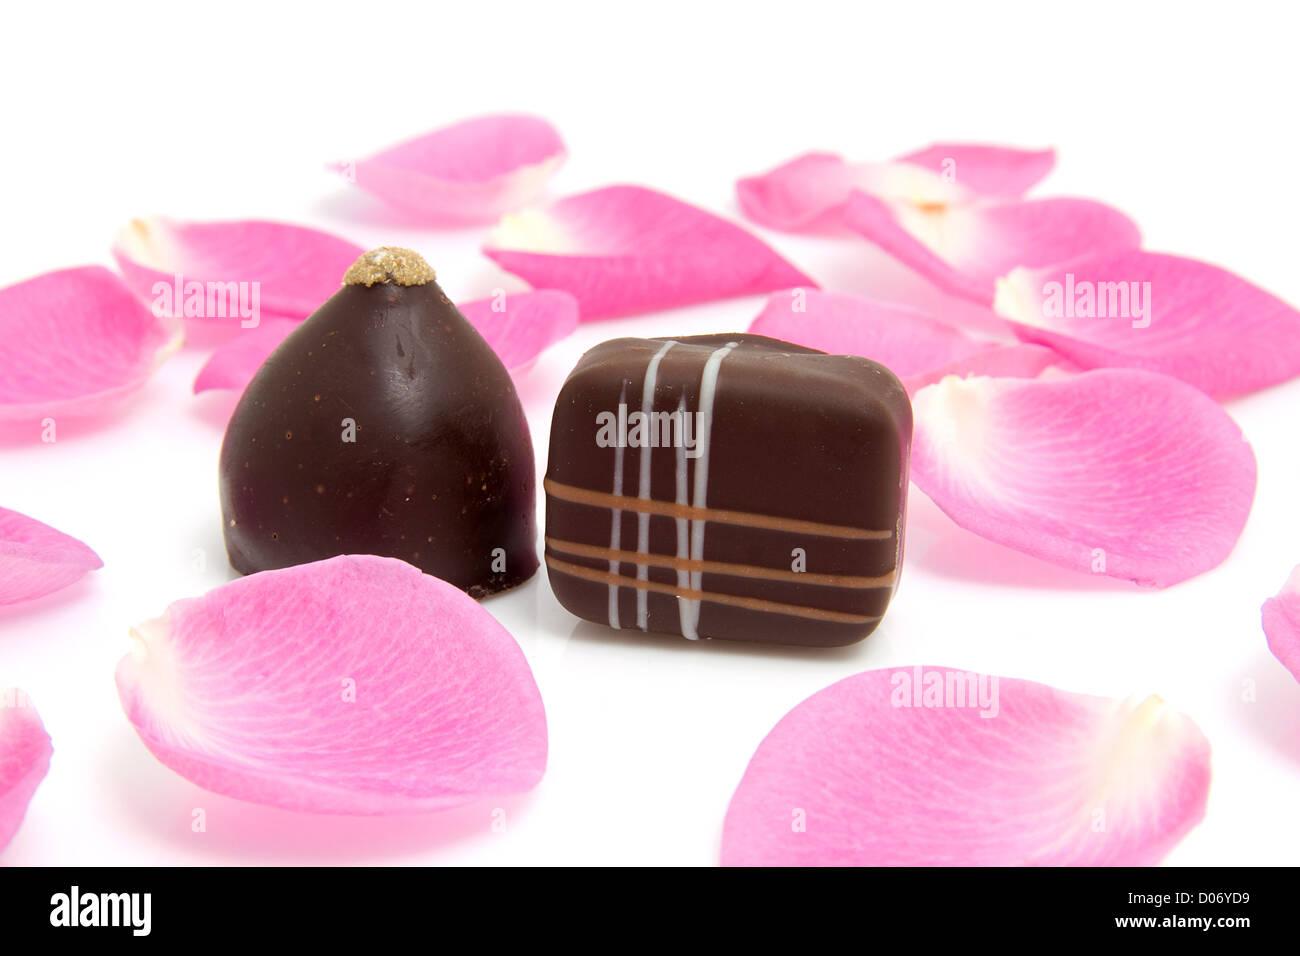 Rosa Rosenblätter mit Schokoladenbonbons zum Valentinstag auf weißem Hintergrund Stockbild